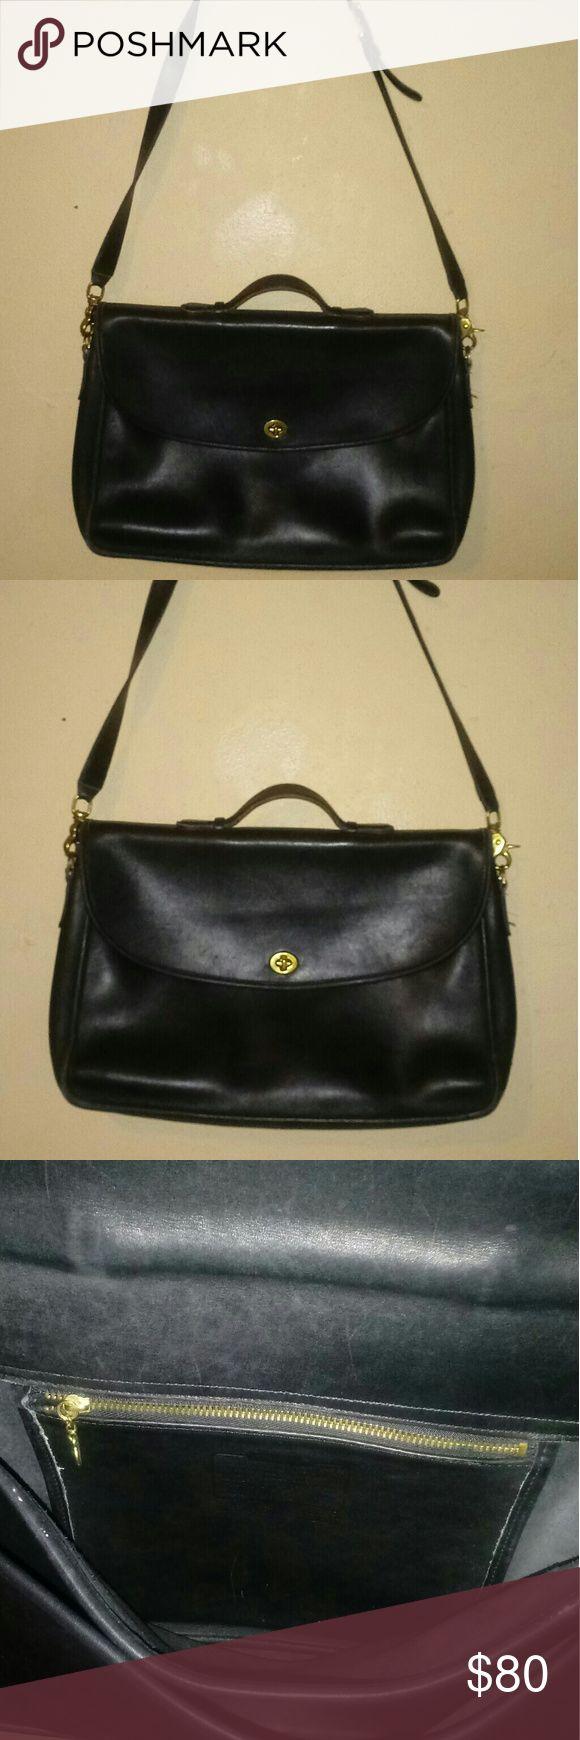 Coach messenger bag Coach messenger bag Coach Bags Crossbody Bags